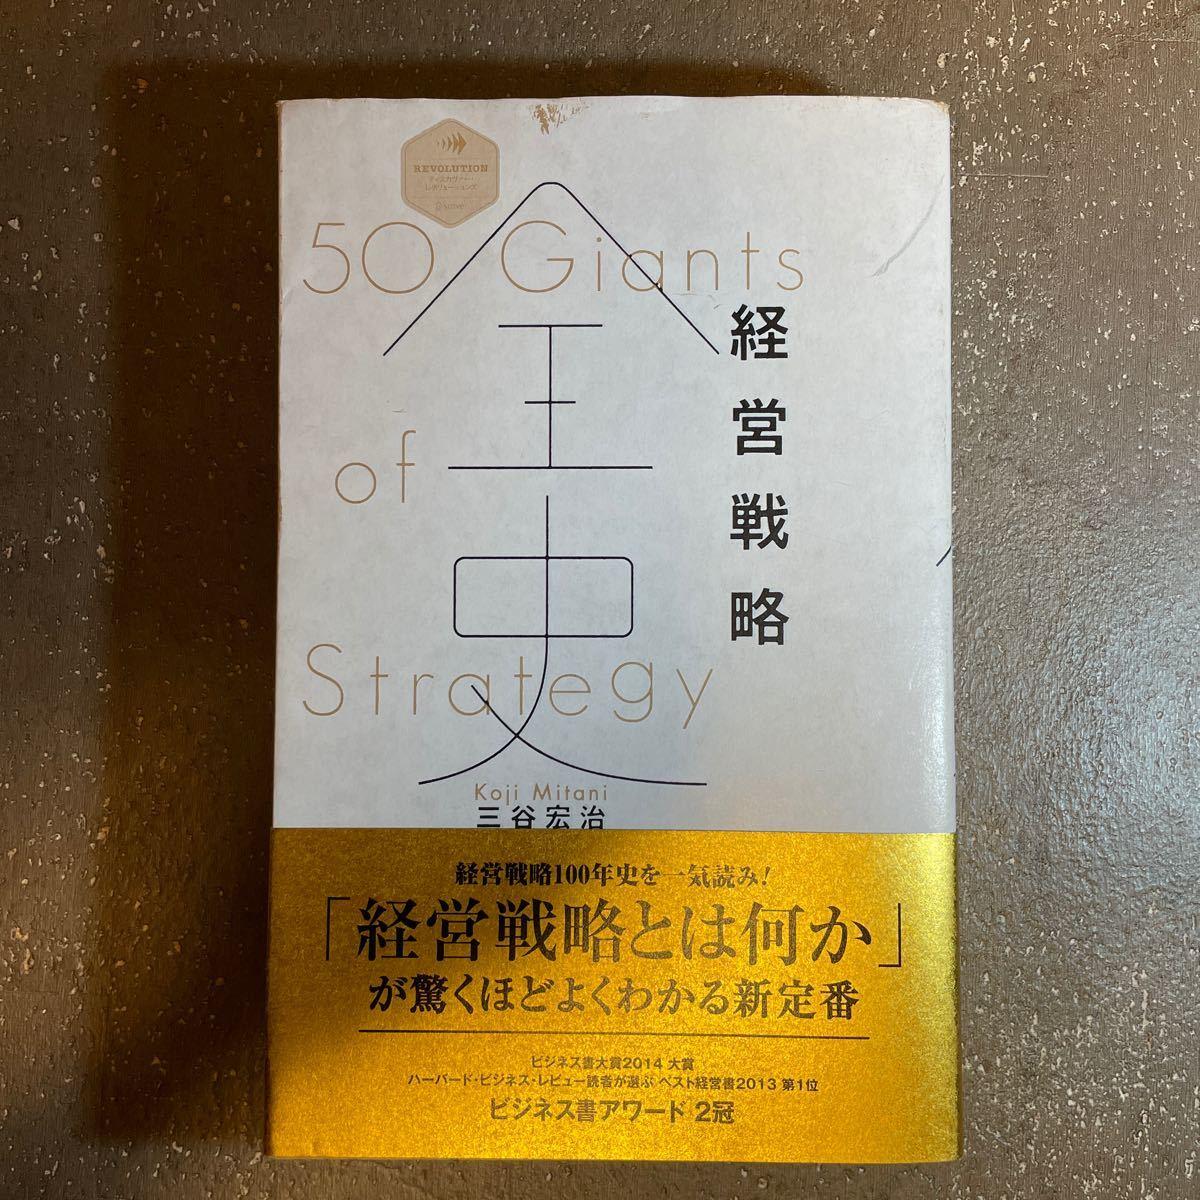 経営戦略全史 ディスカヴァーレボリューションズ/三谷宏治 【著】